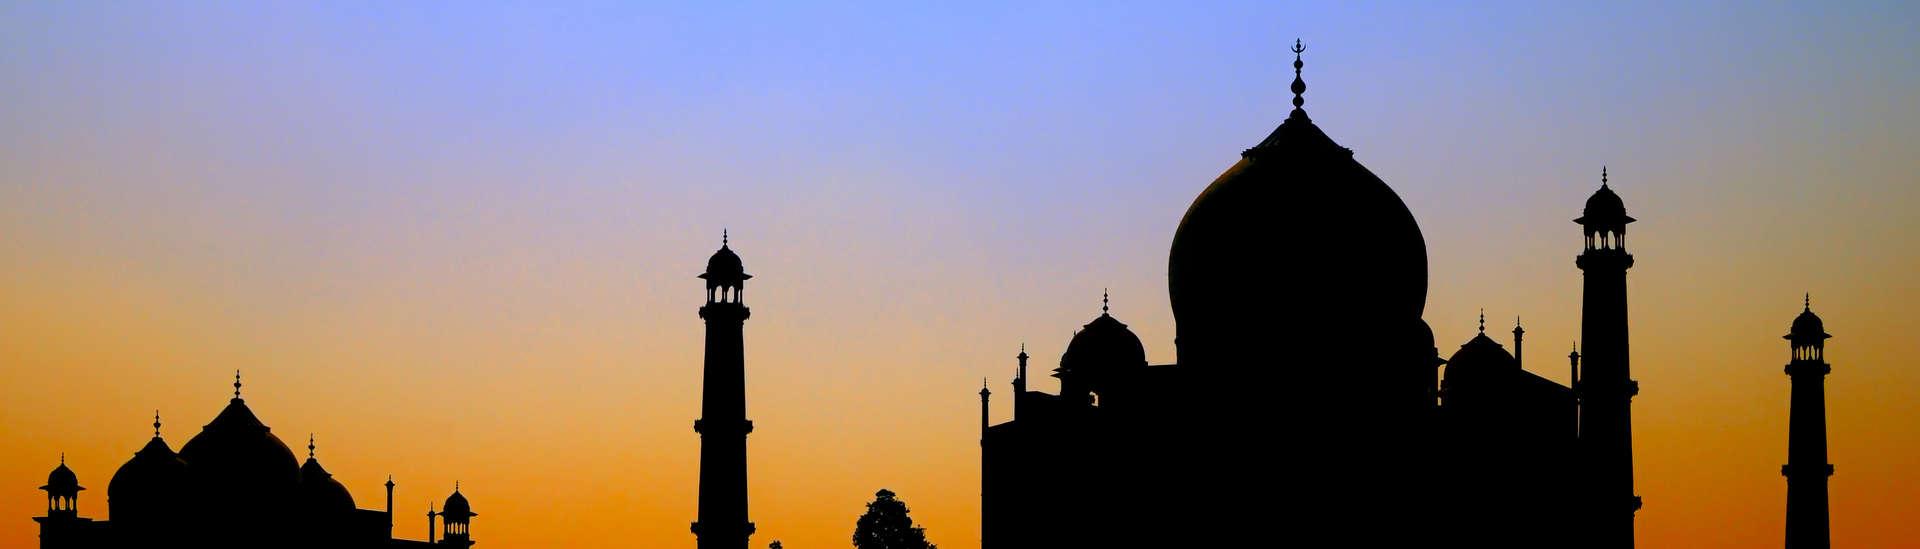 Indie_0090.jpg